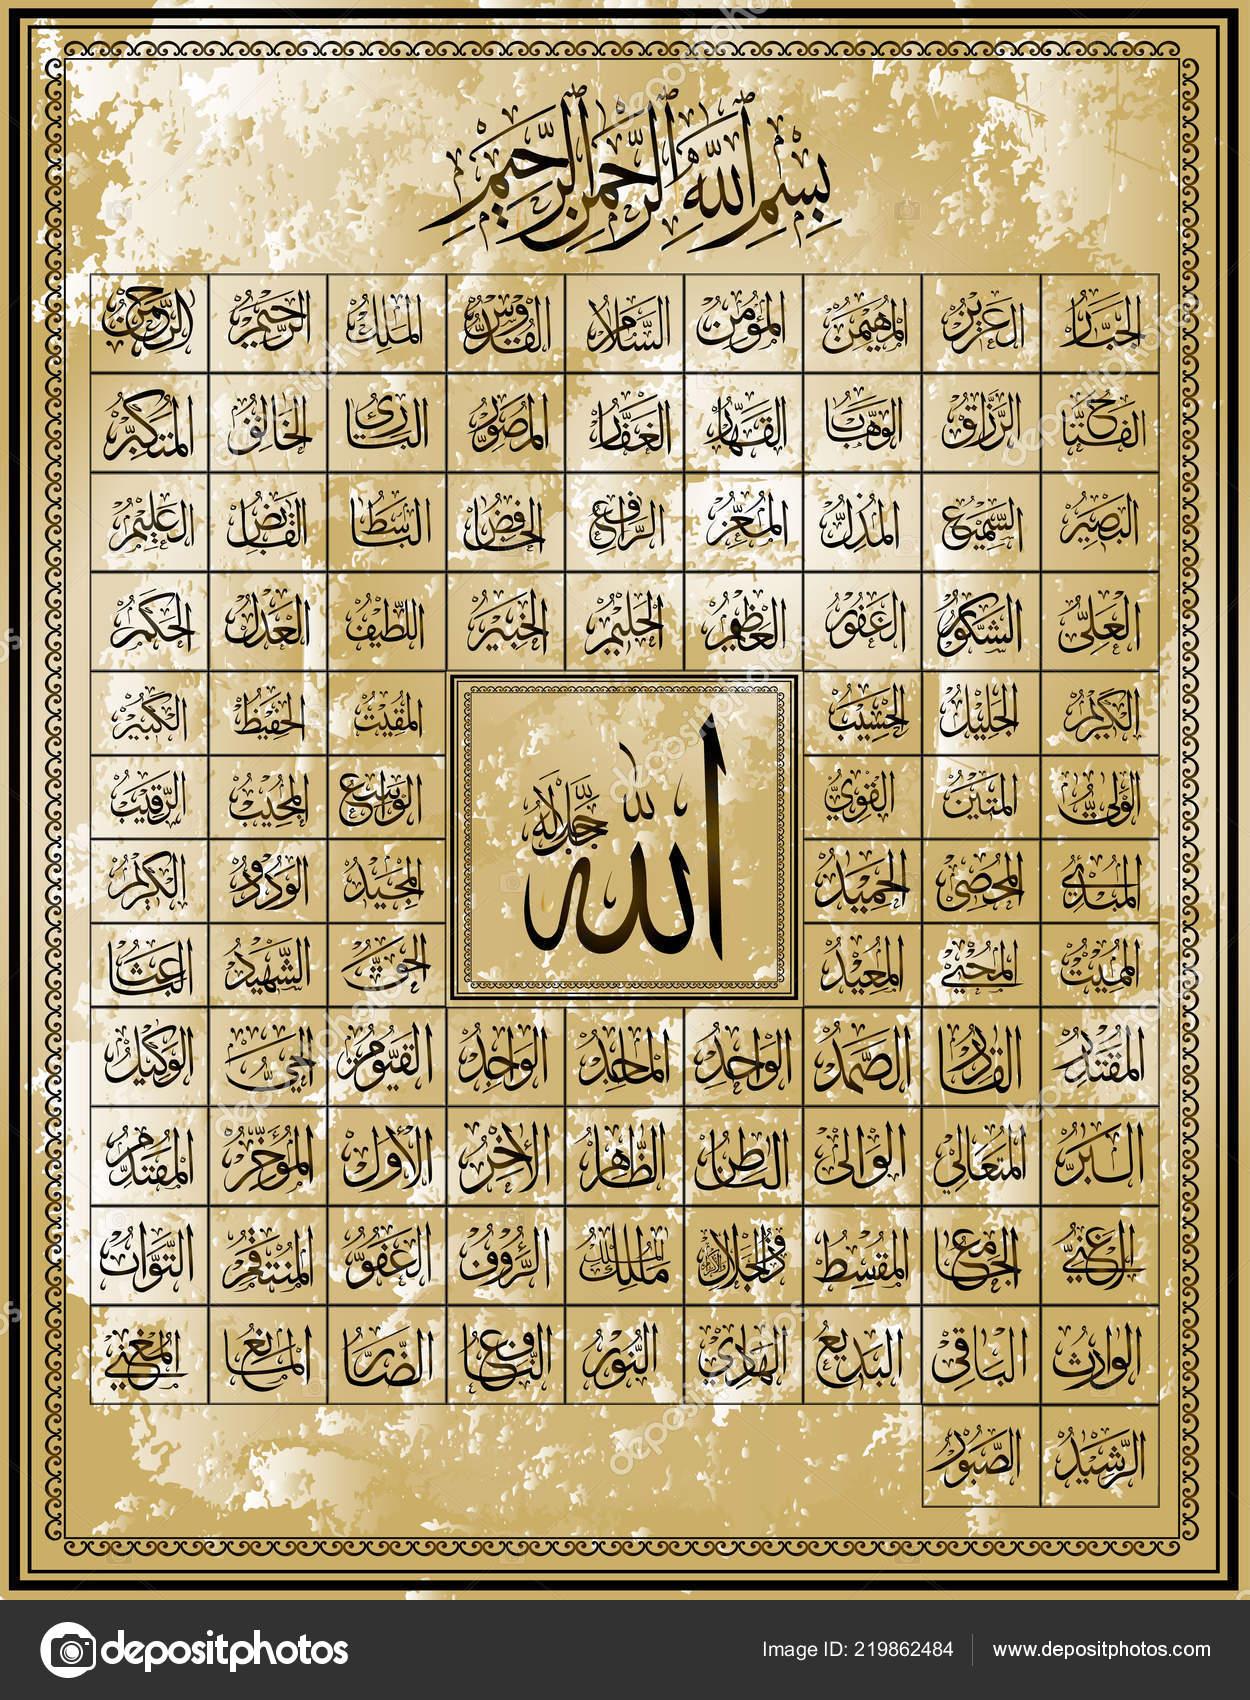 99 names of Allah  — Stock Vector © zamir222333 #219862484